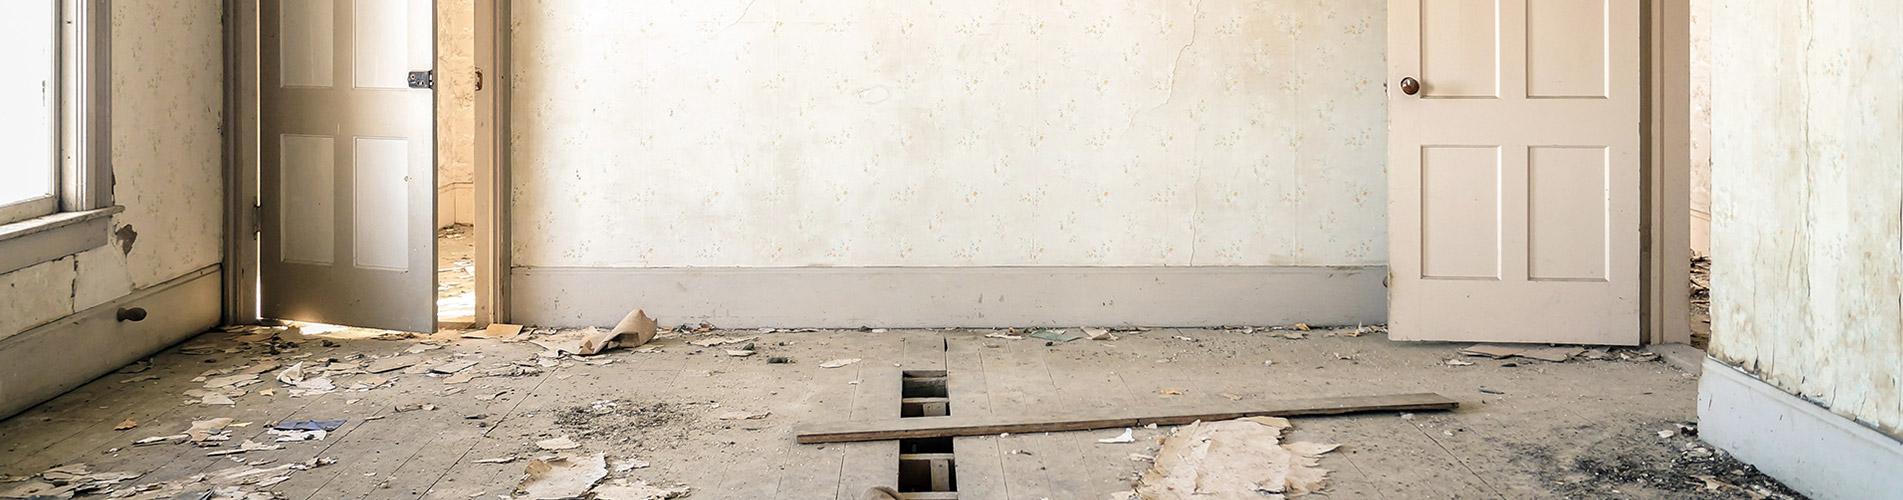 Comment estimer une maison à rénover ?